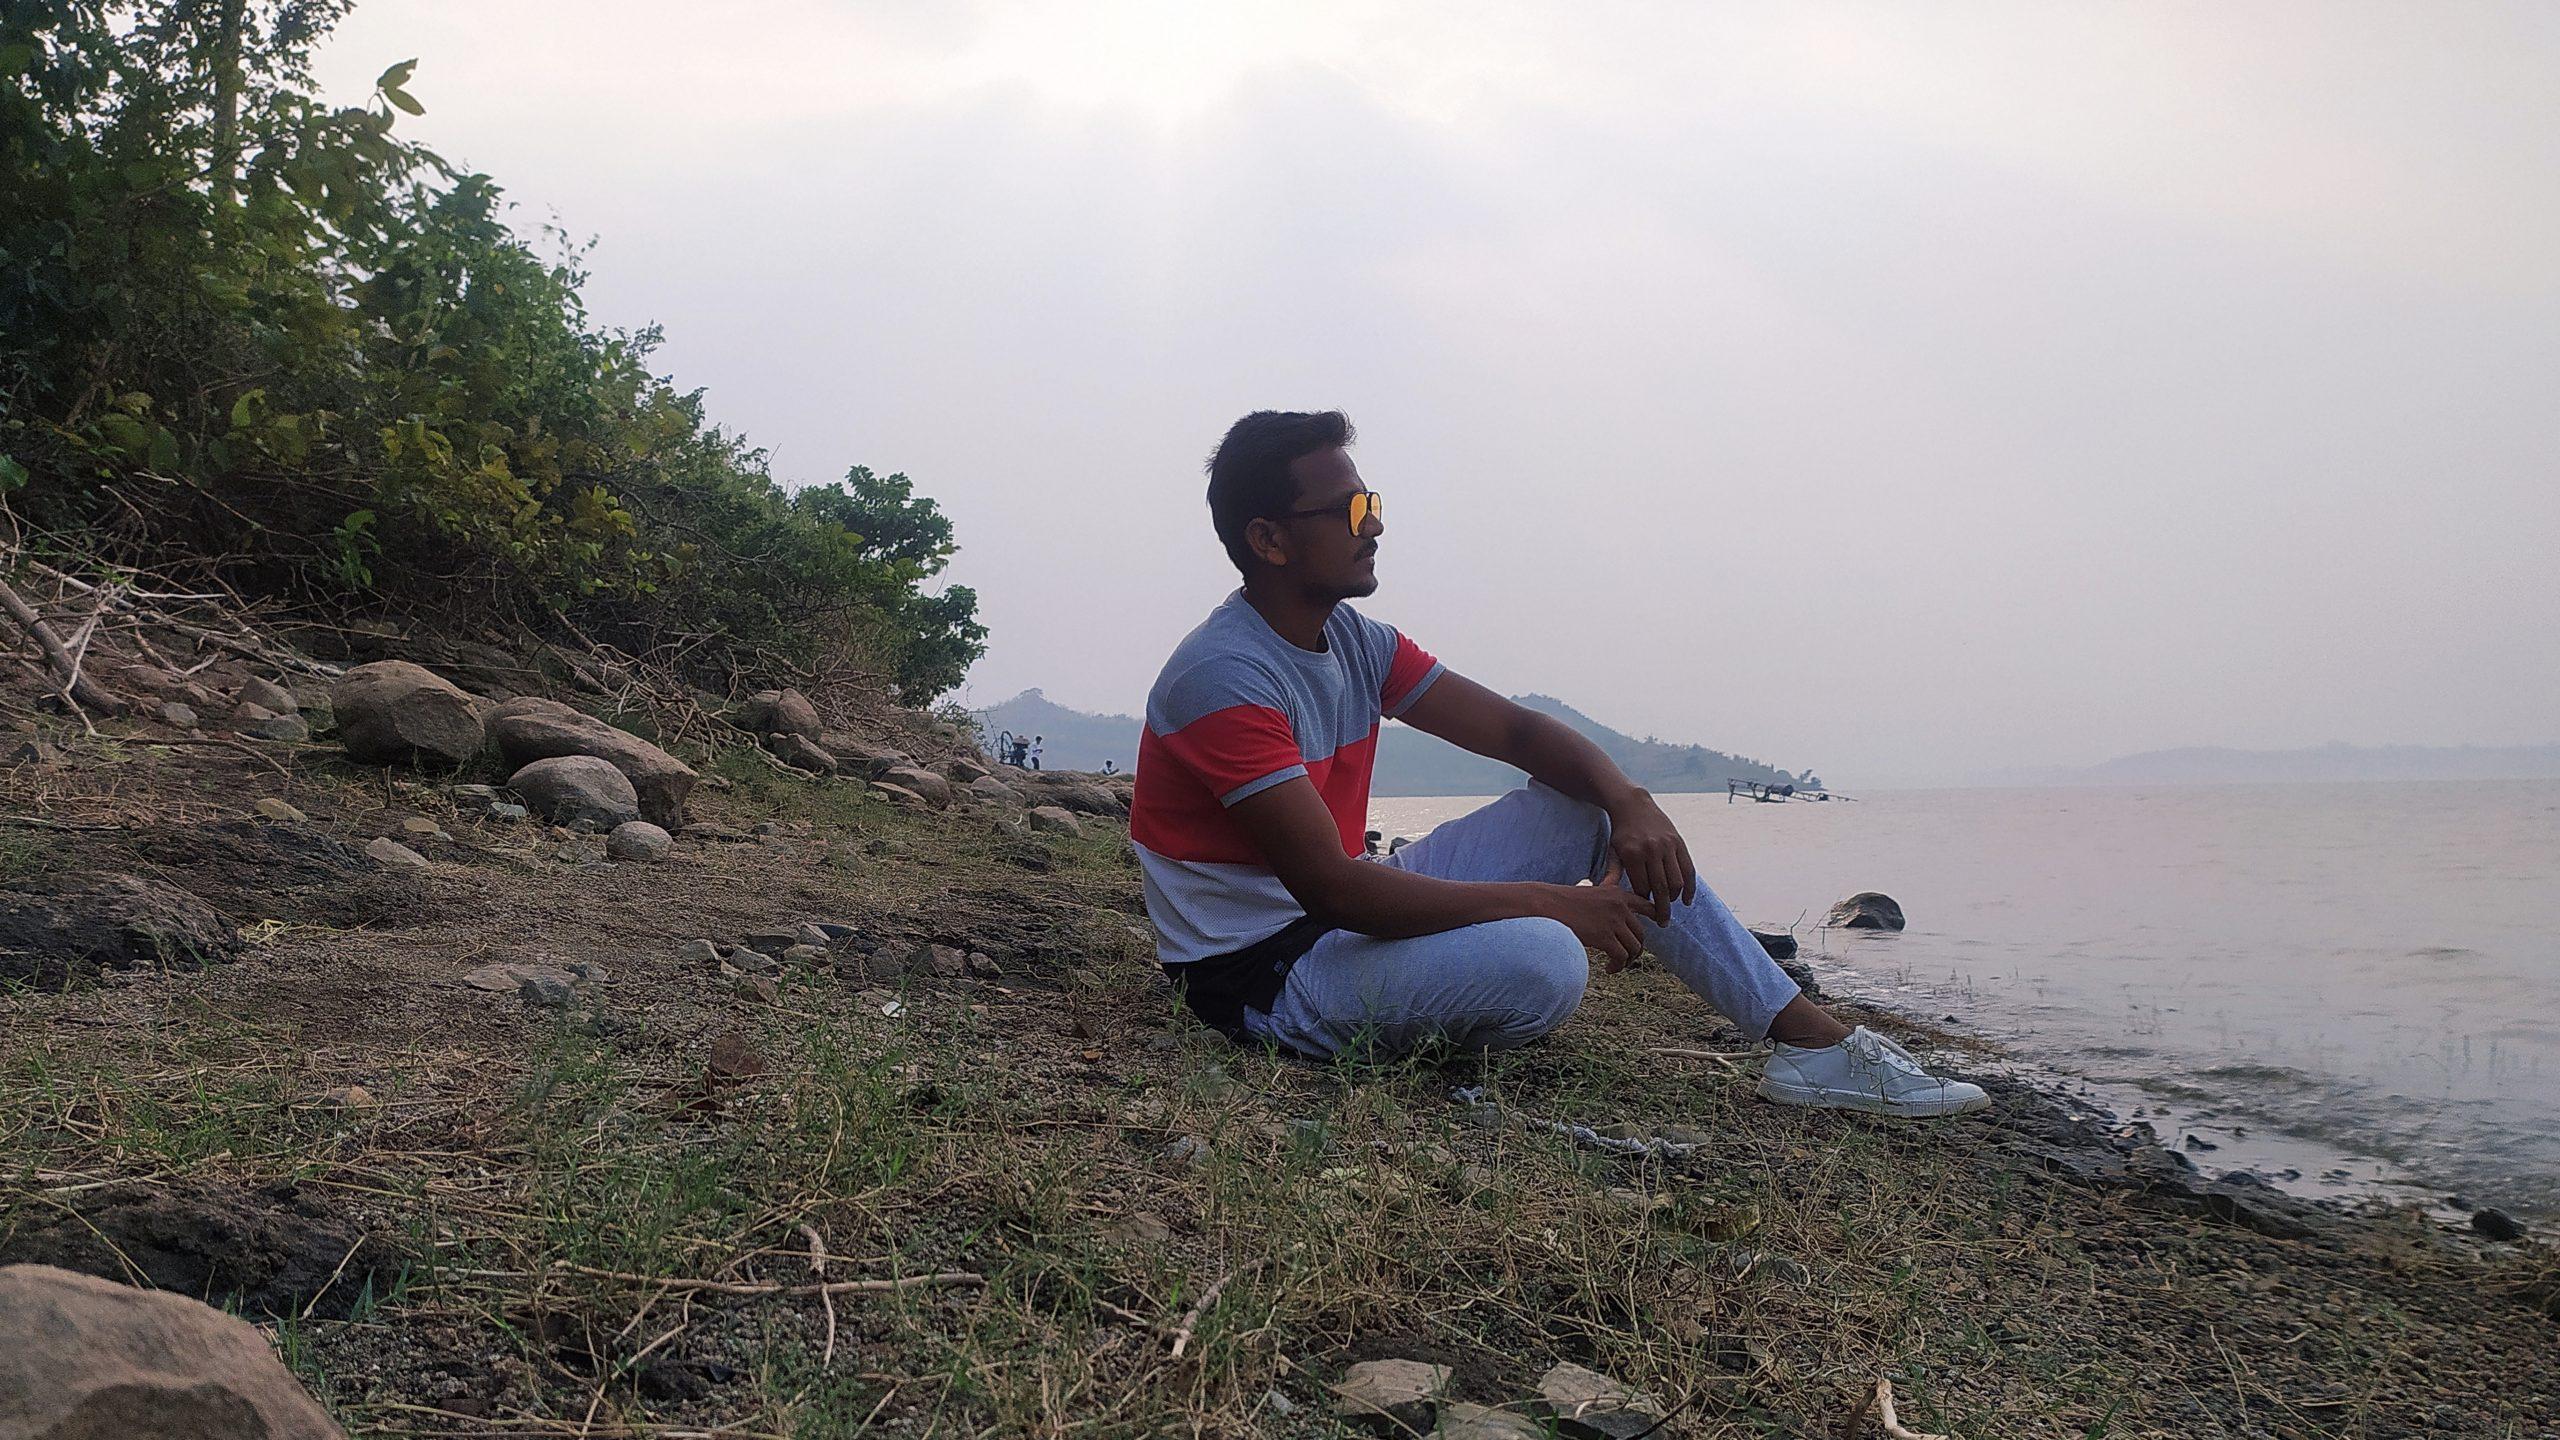 A boy at lake side